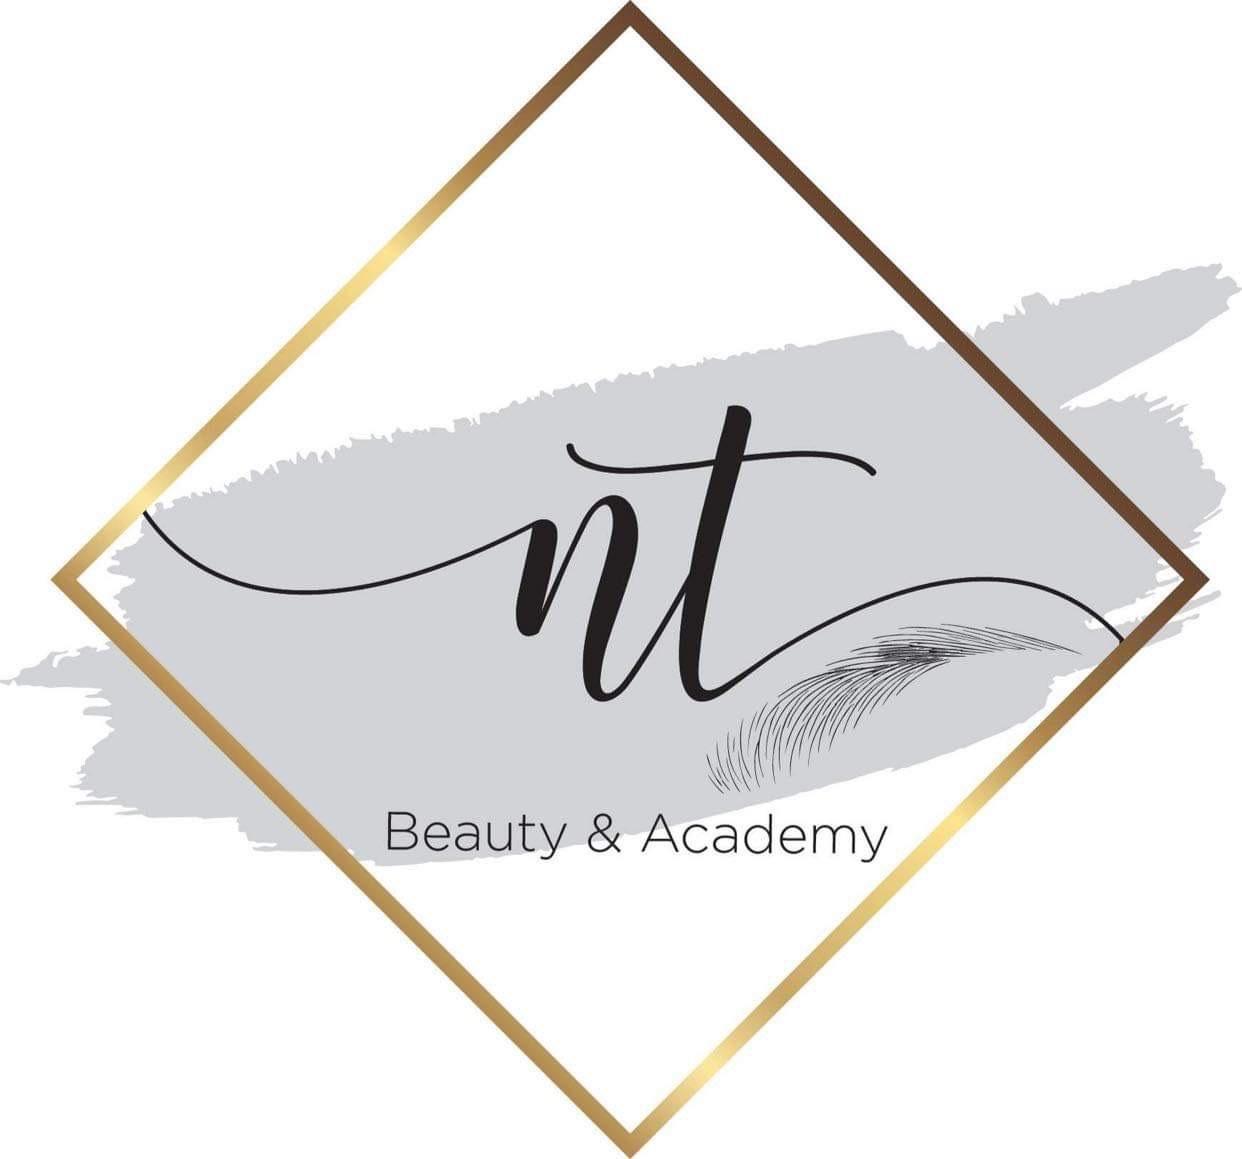 NT Beauty & Academy sử dụng IDSPA - phần mềm quản lý Spa - IDSPA